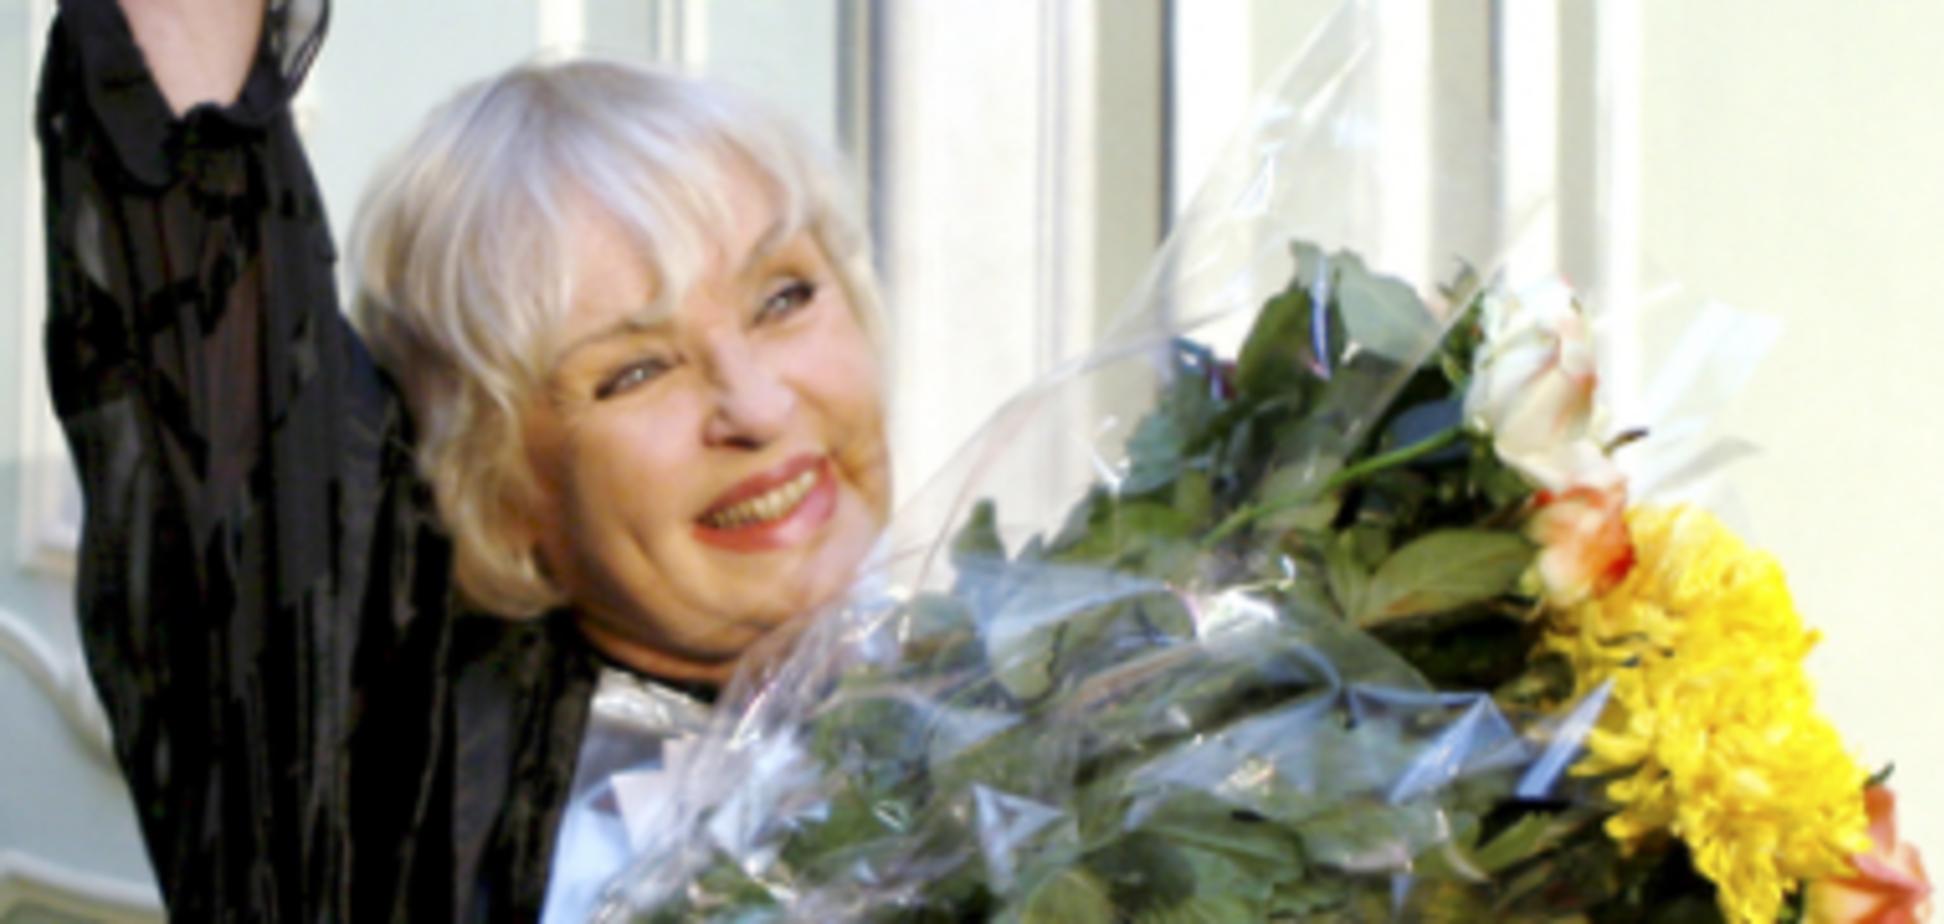 'ПраАда': народная артистка Украины впервые стала прабабушкой